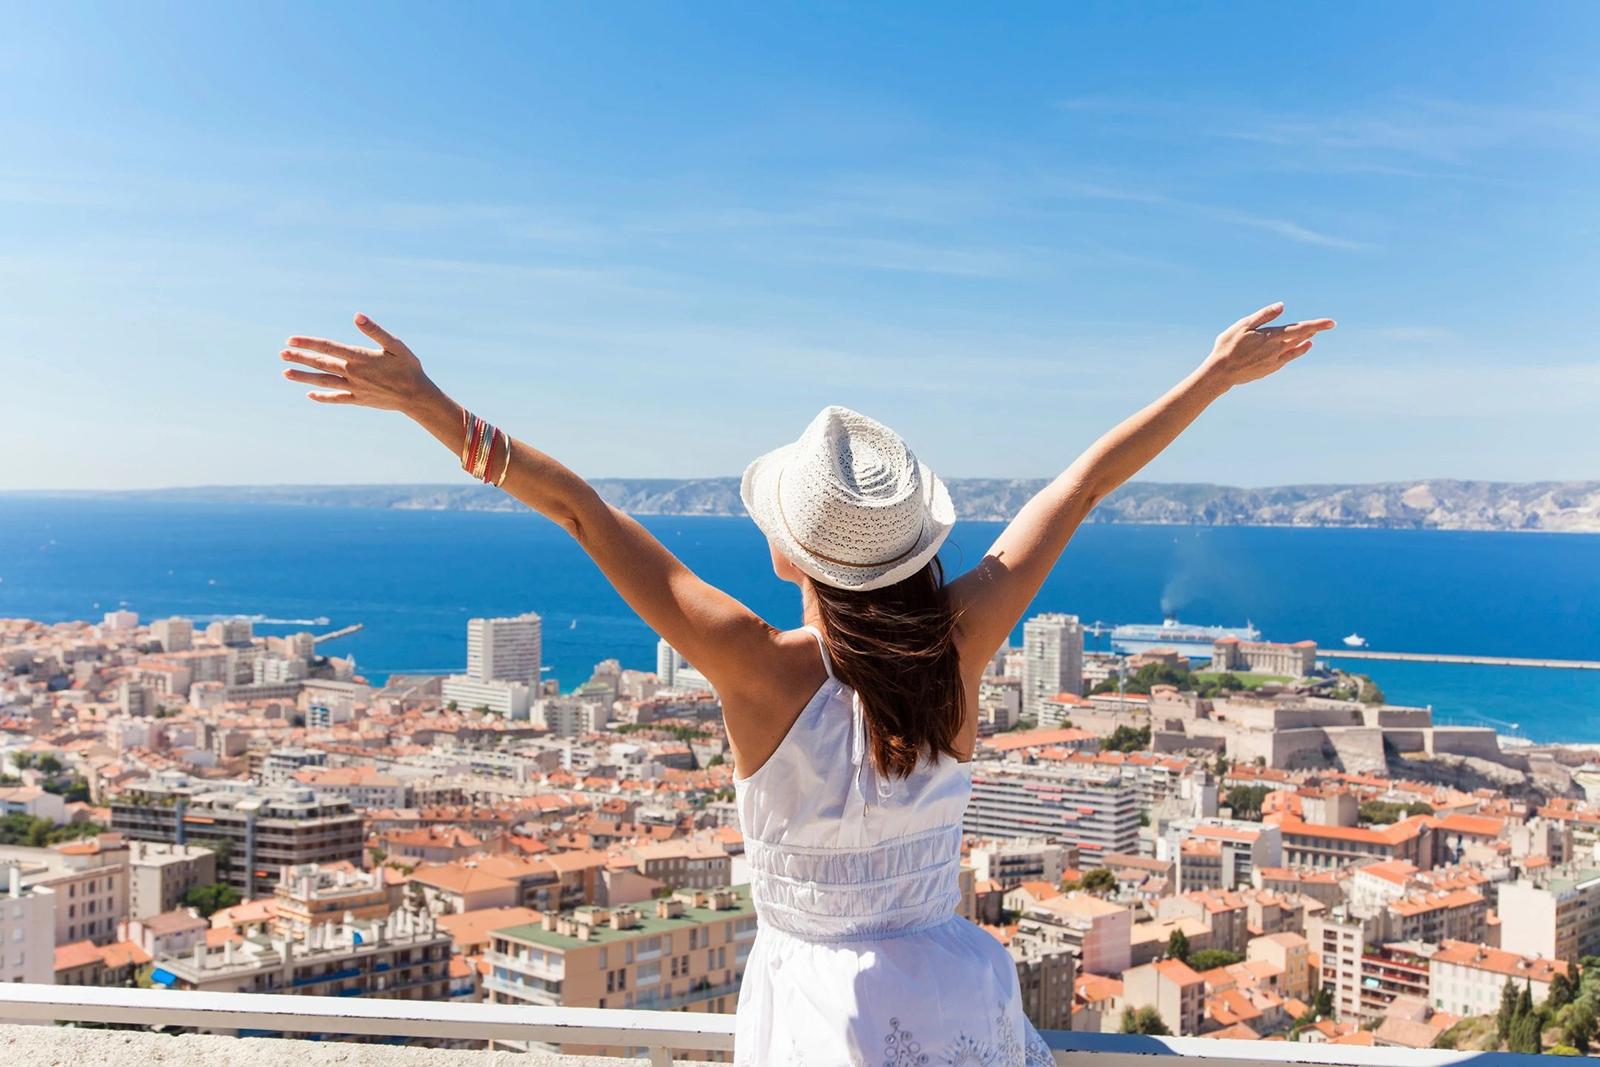 Тур с круизом на MSC Divina 5*: Марсель, Барселона, Генуя - Туристический оператор APL Travel (АПЛ Тревел)